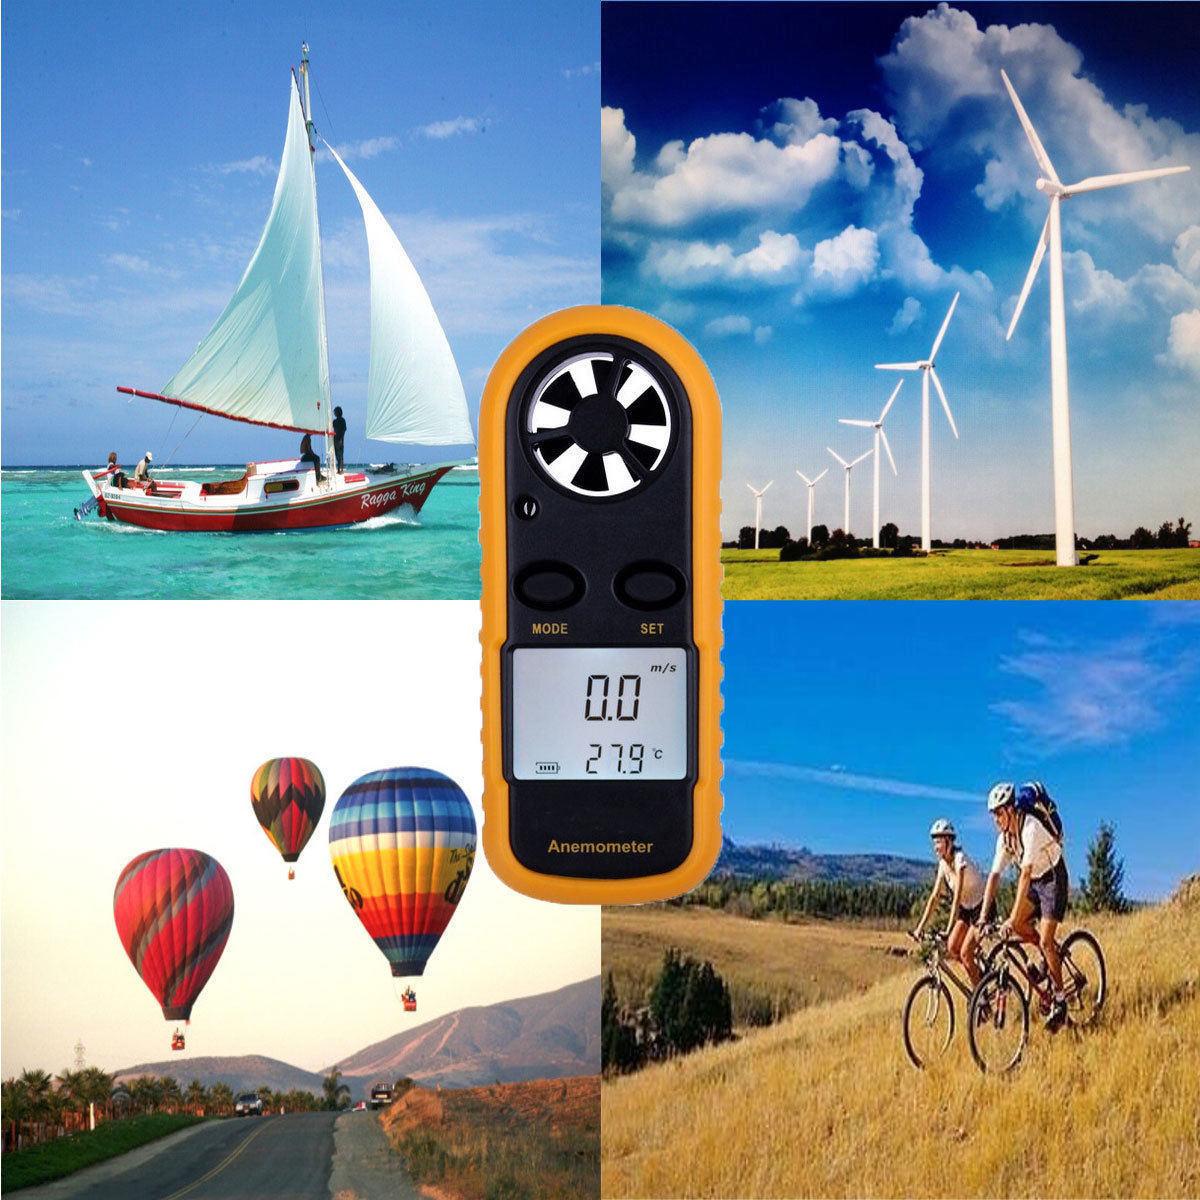 Anemómetro de mano CE aprobado Digital Termómetro Medidor de Velocidad Vela LC rlts